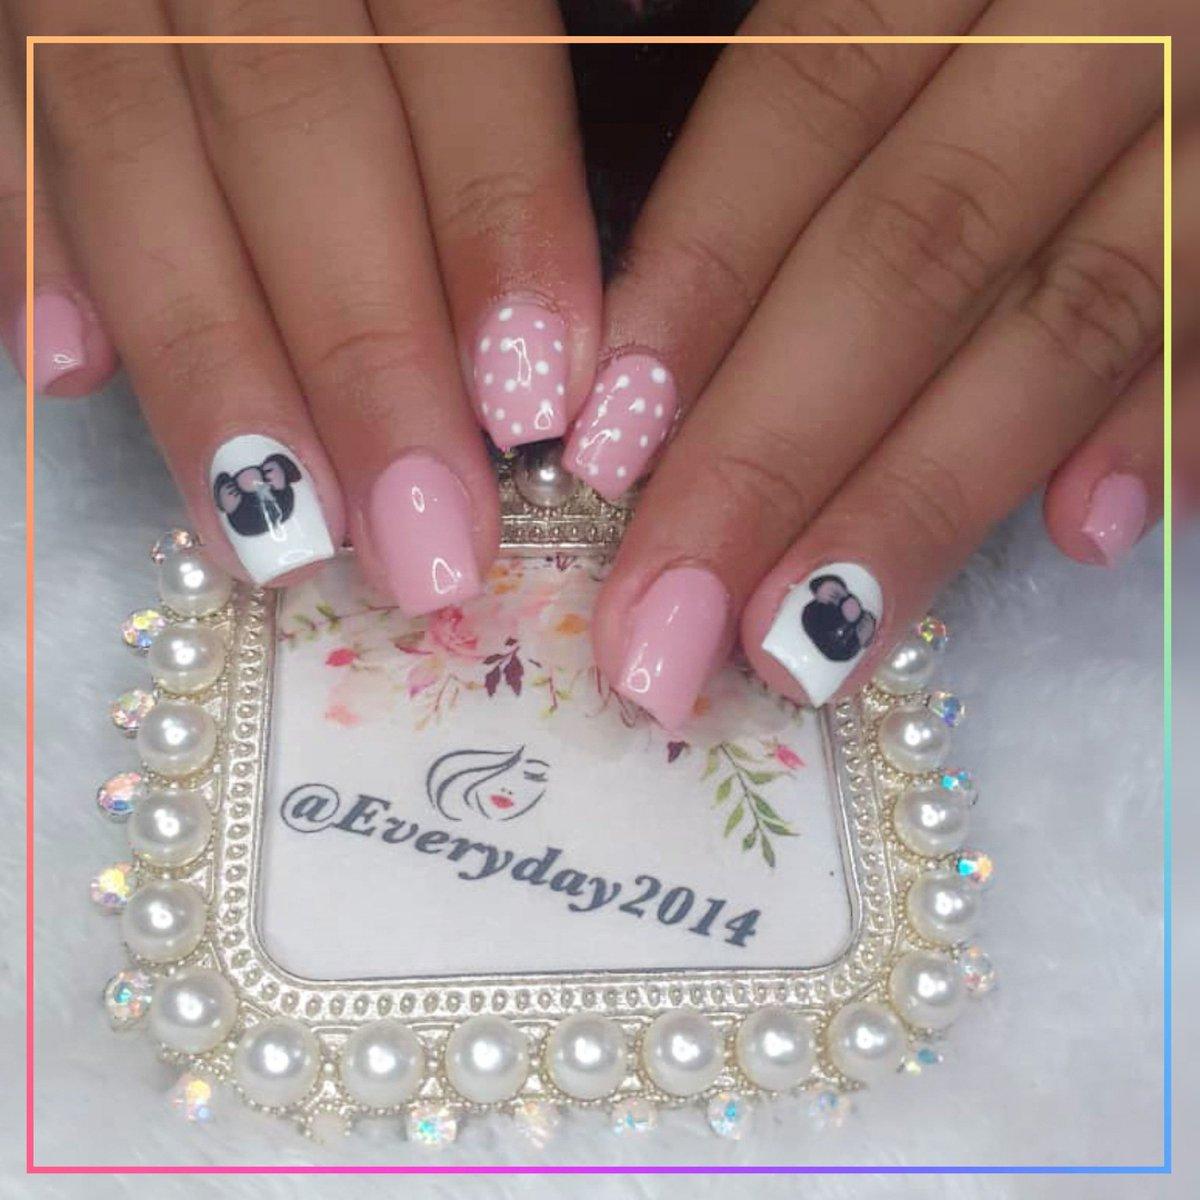 """¡Chica moderna! Escoger cualquier tono de esmalte con un lindo decorado  @everyday2014 Técnico en uñas @salasyennifer """"Tan perfecta como te lo imaginas"""" . . Twitter: @everyday2014c.a Pag Facebook: @everydaycejas Whatsapp: 0426-1532090 . . #everyday2014 #Maquillaje # https://t.co/dDFrLJCqw2"""